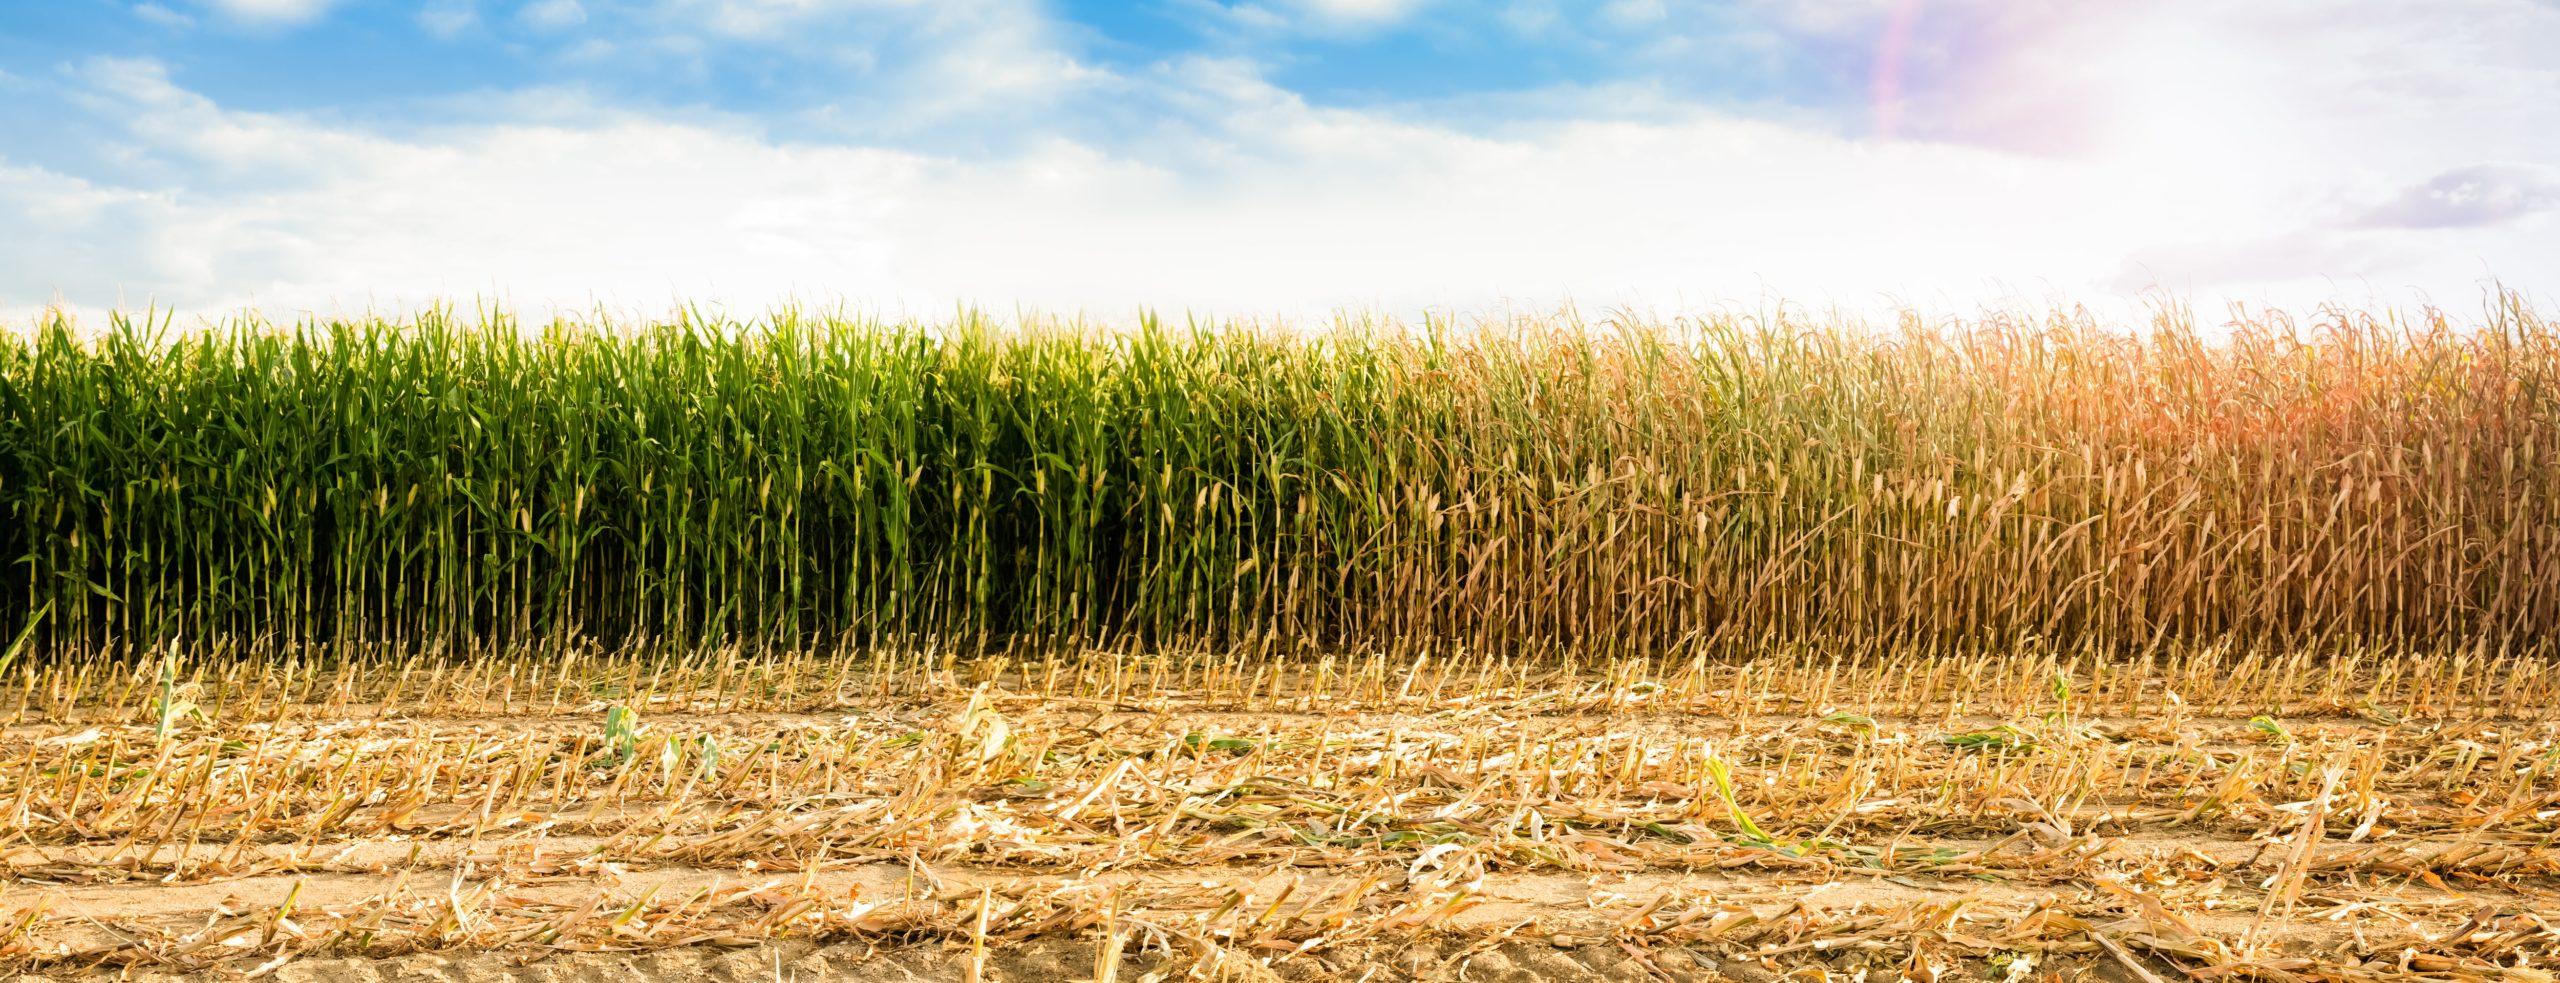 Allarme siccità in pianura padana: livello idrometrico basso